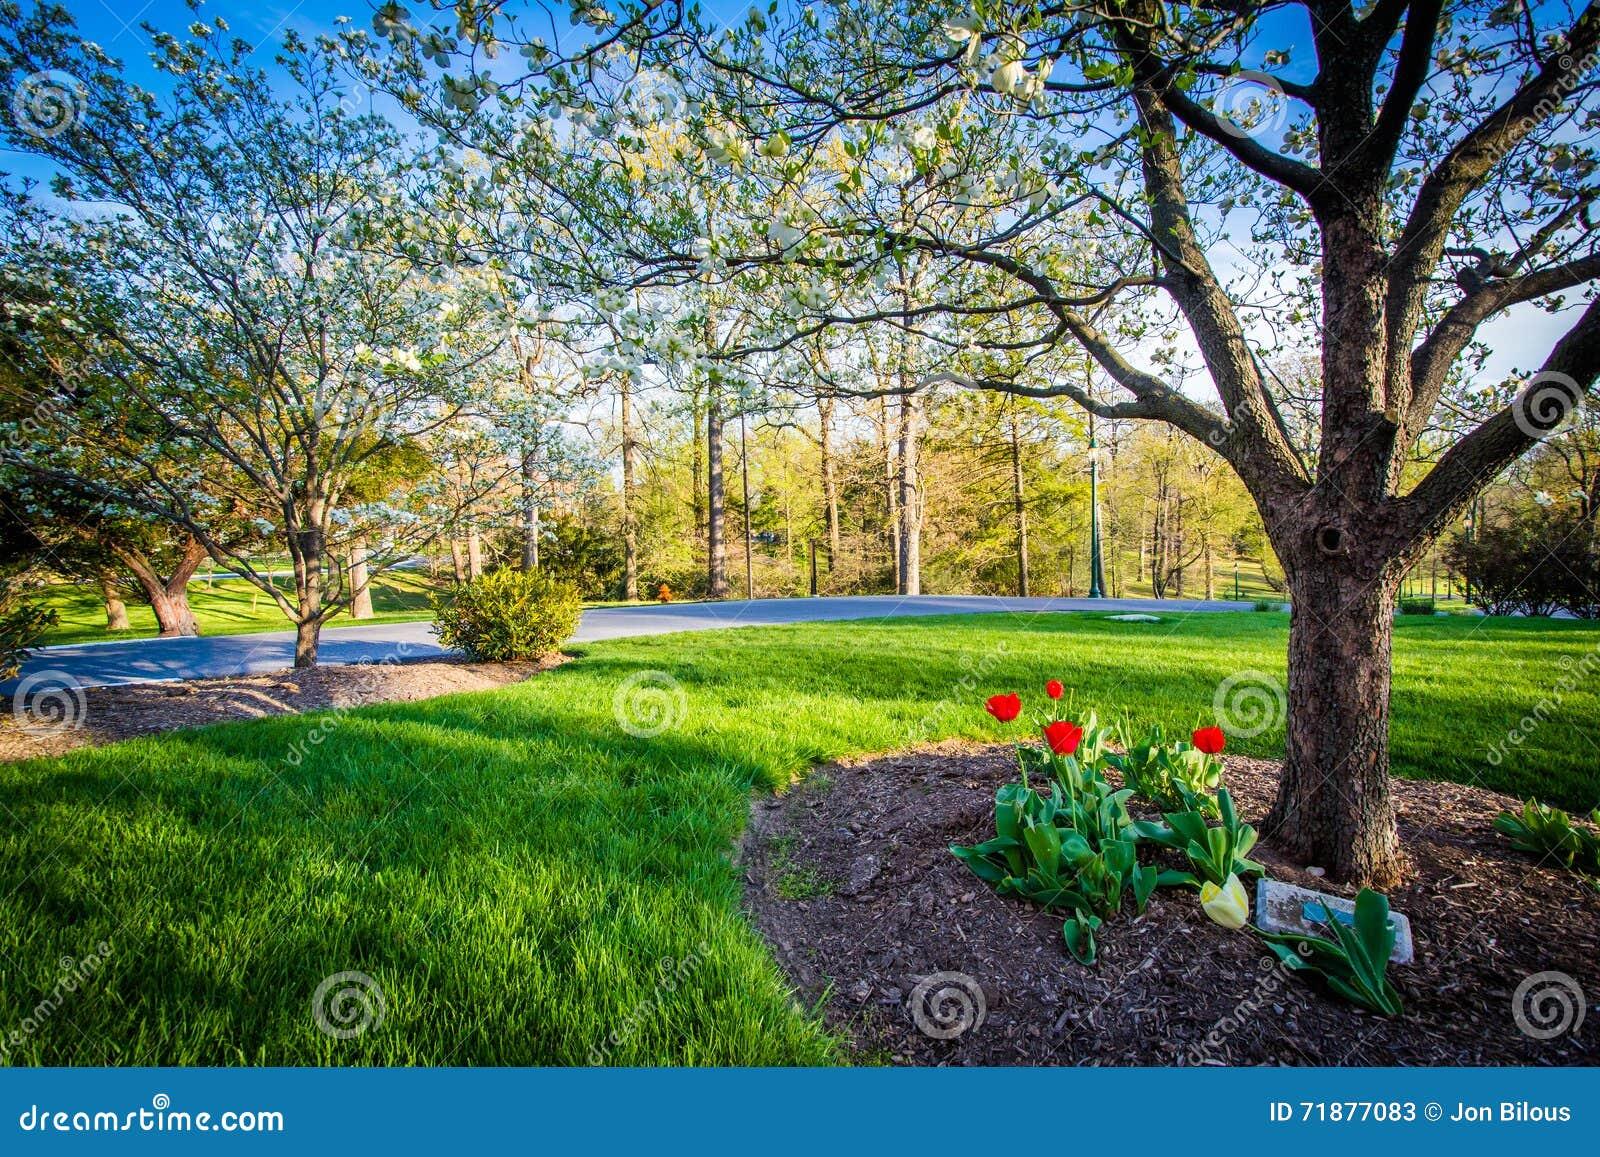 Jardines y rboles en notre dame de la universidad de maryland en balti imagen de archivo - Arboles jardin ...